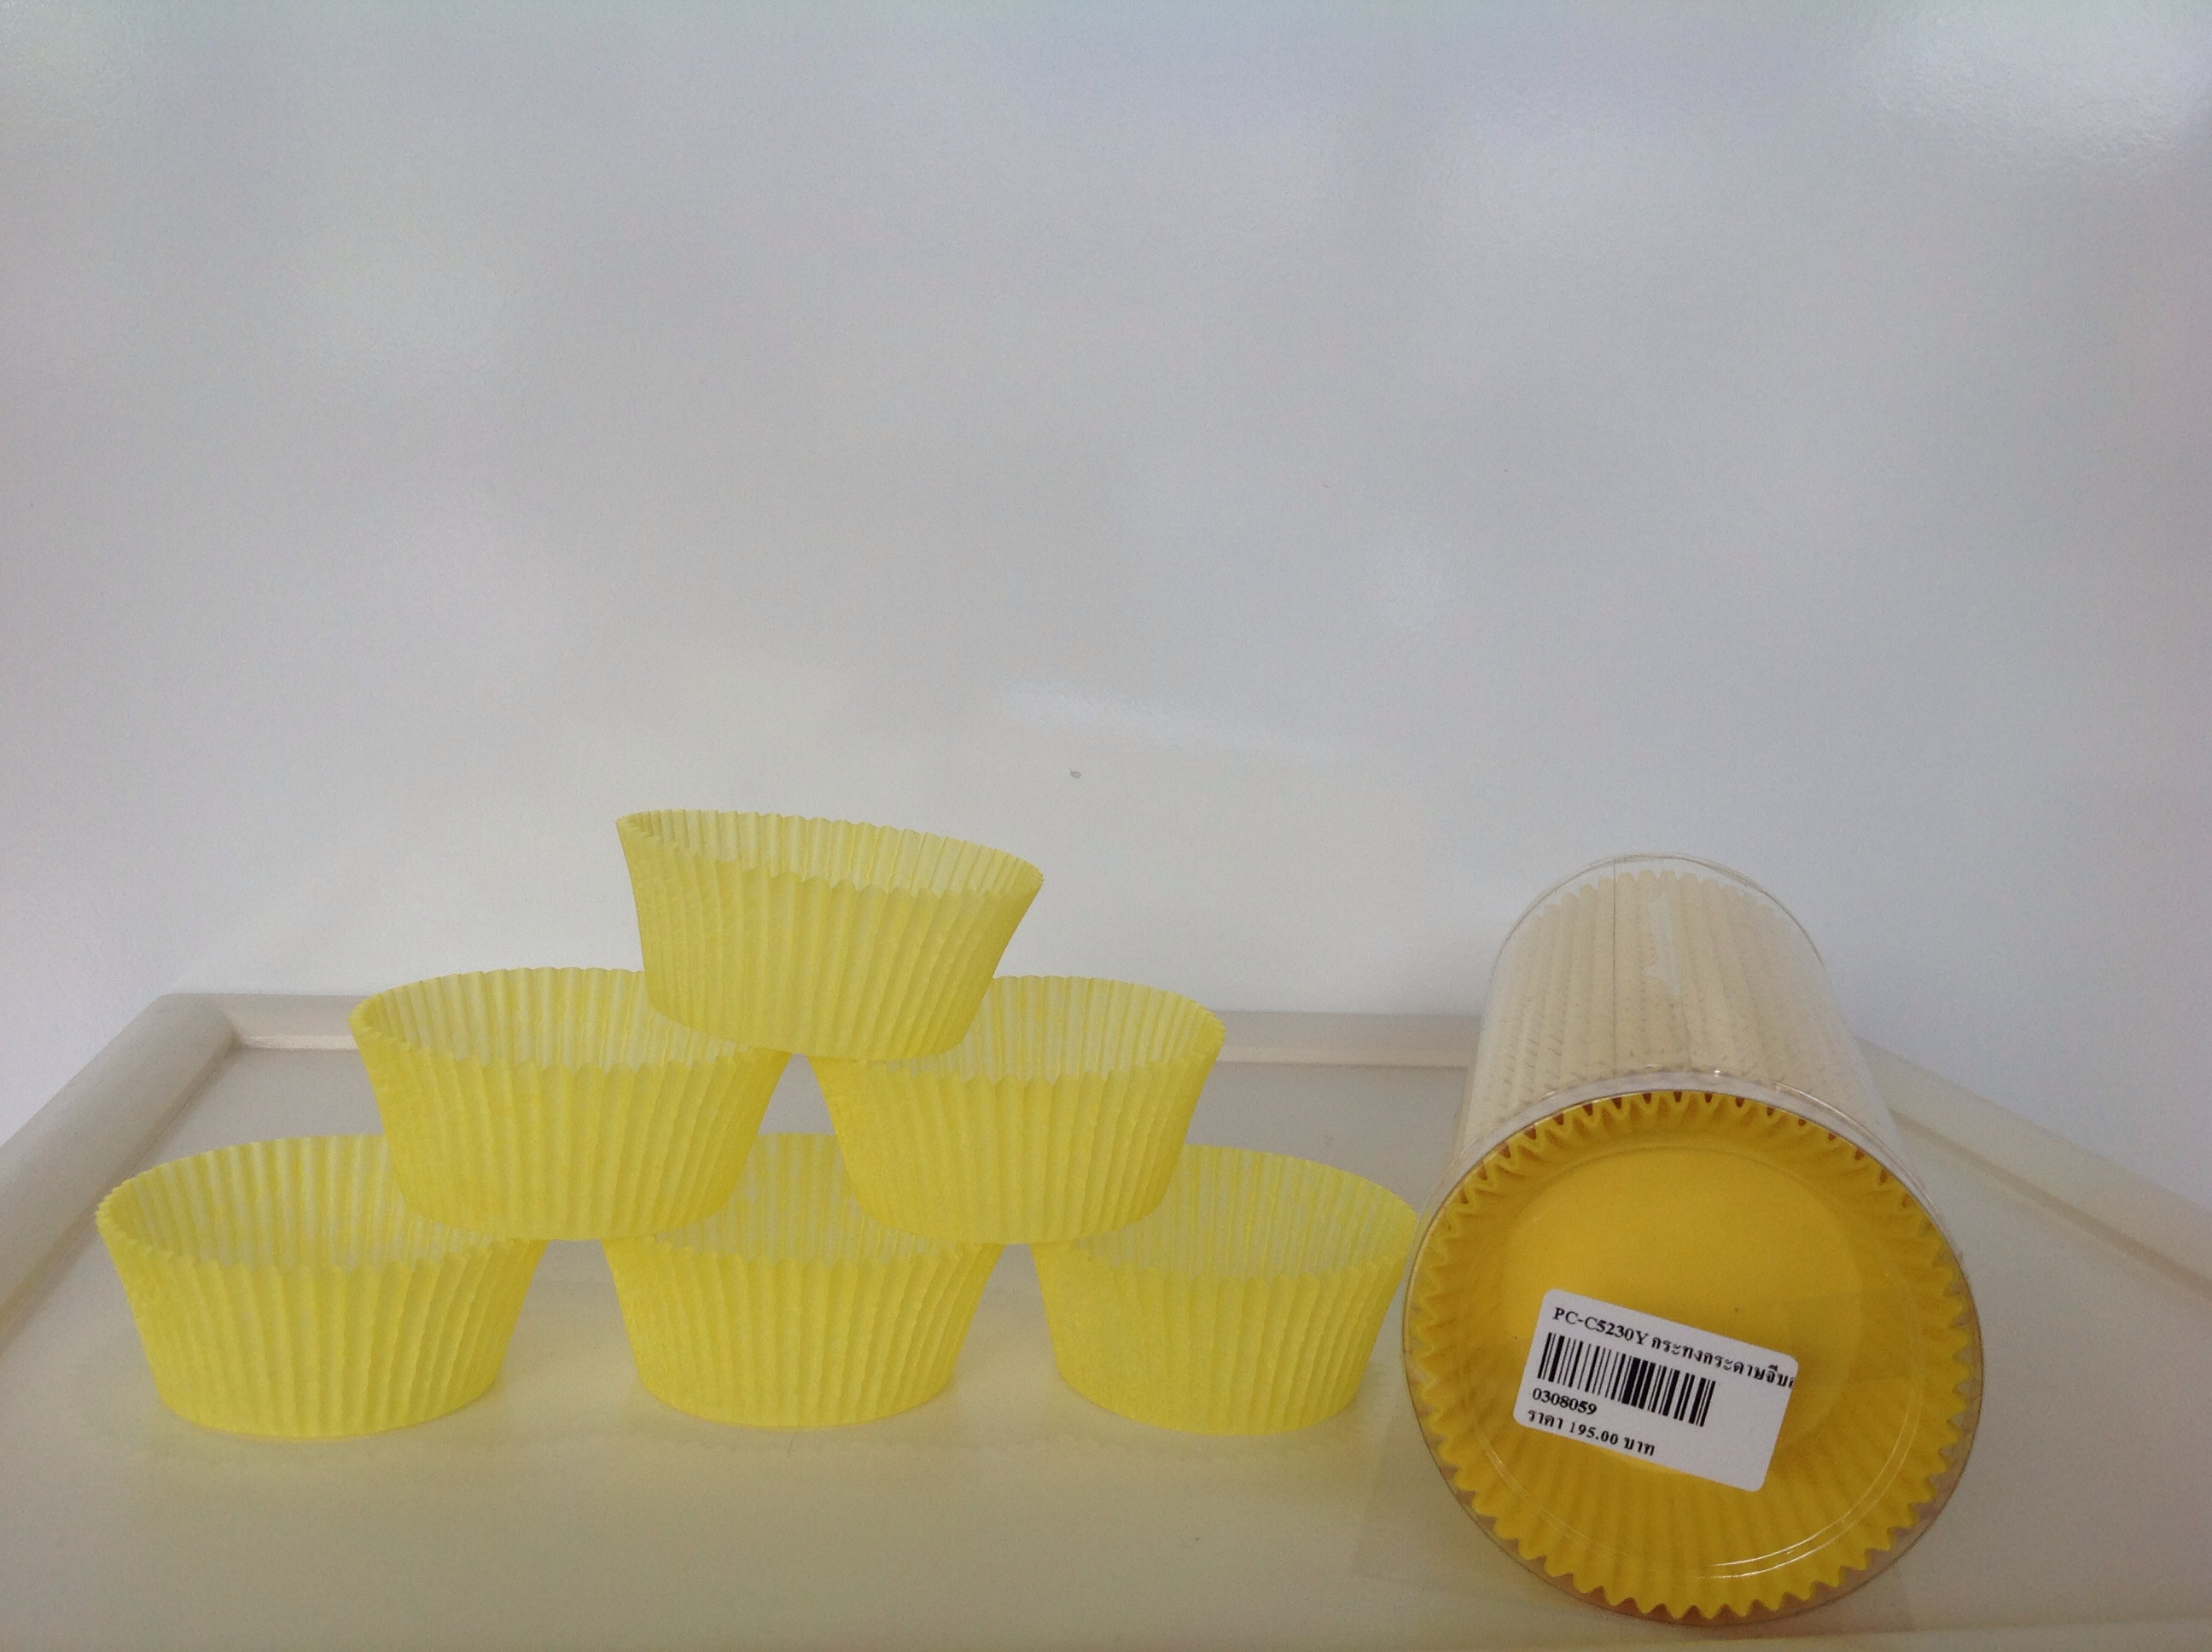 PC-C4737Y กระทงกระดาษจีบสีเหลือง